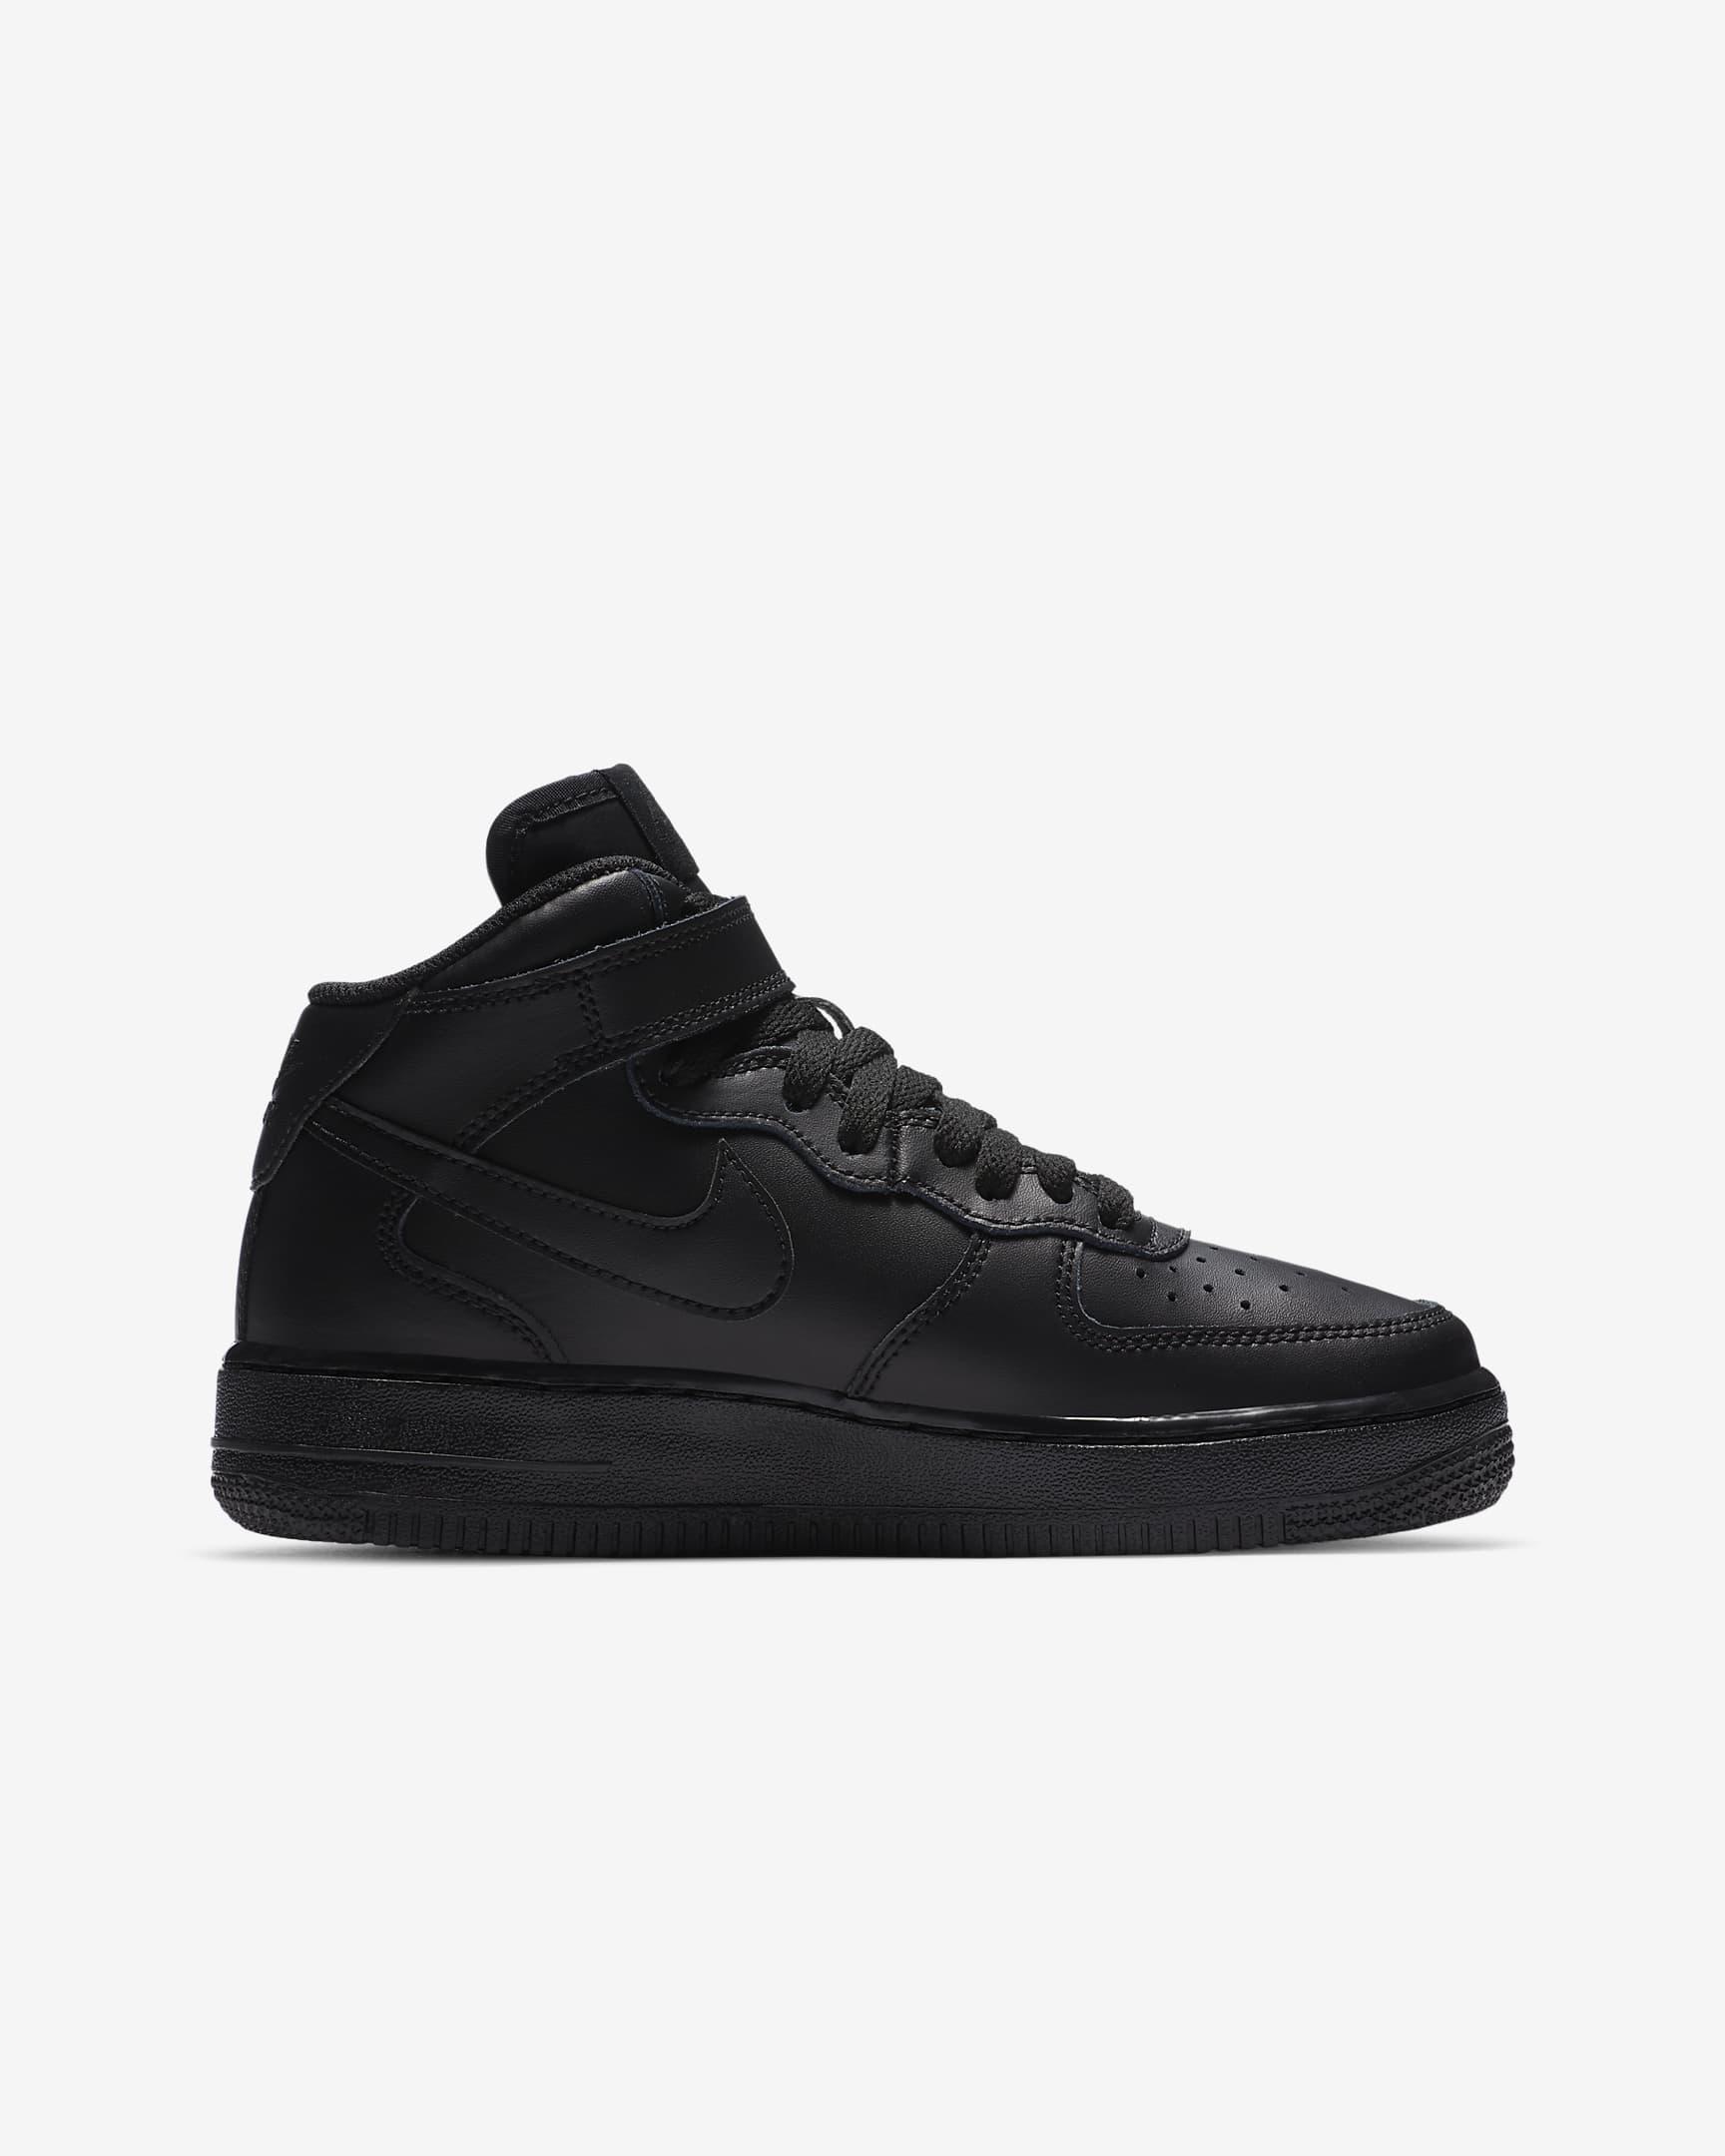 Tenisky Nike Air Force 1 Mid Čierne-WWW.AIRFORCE.SK